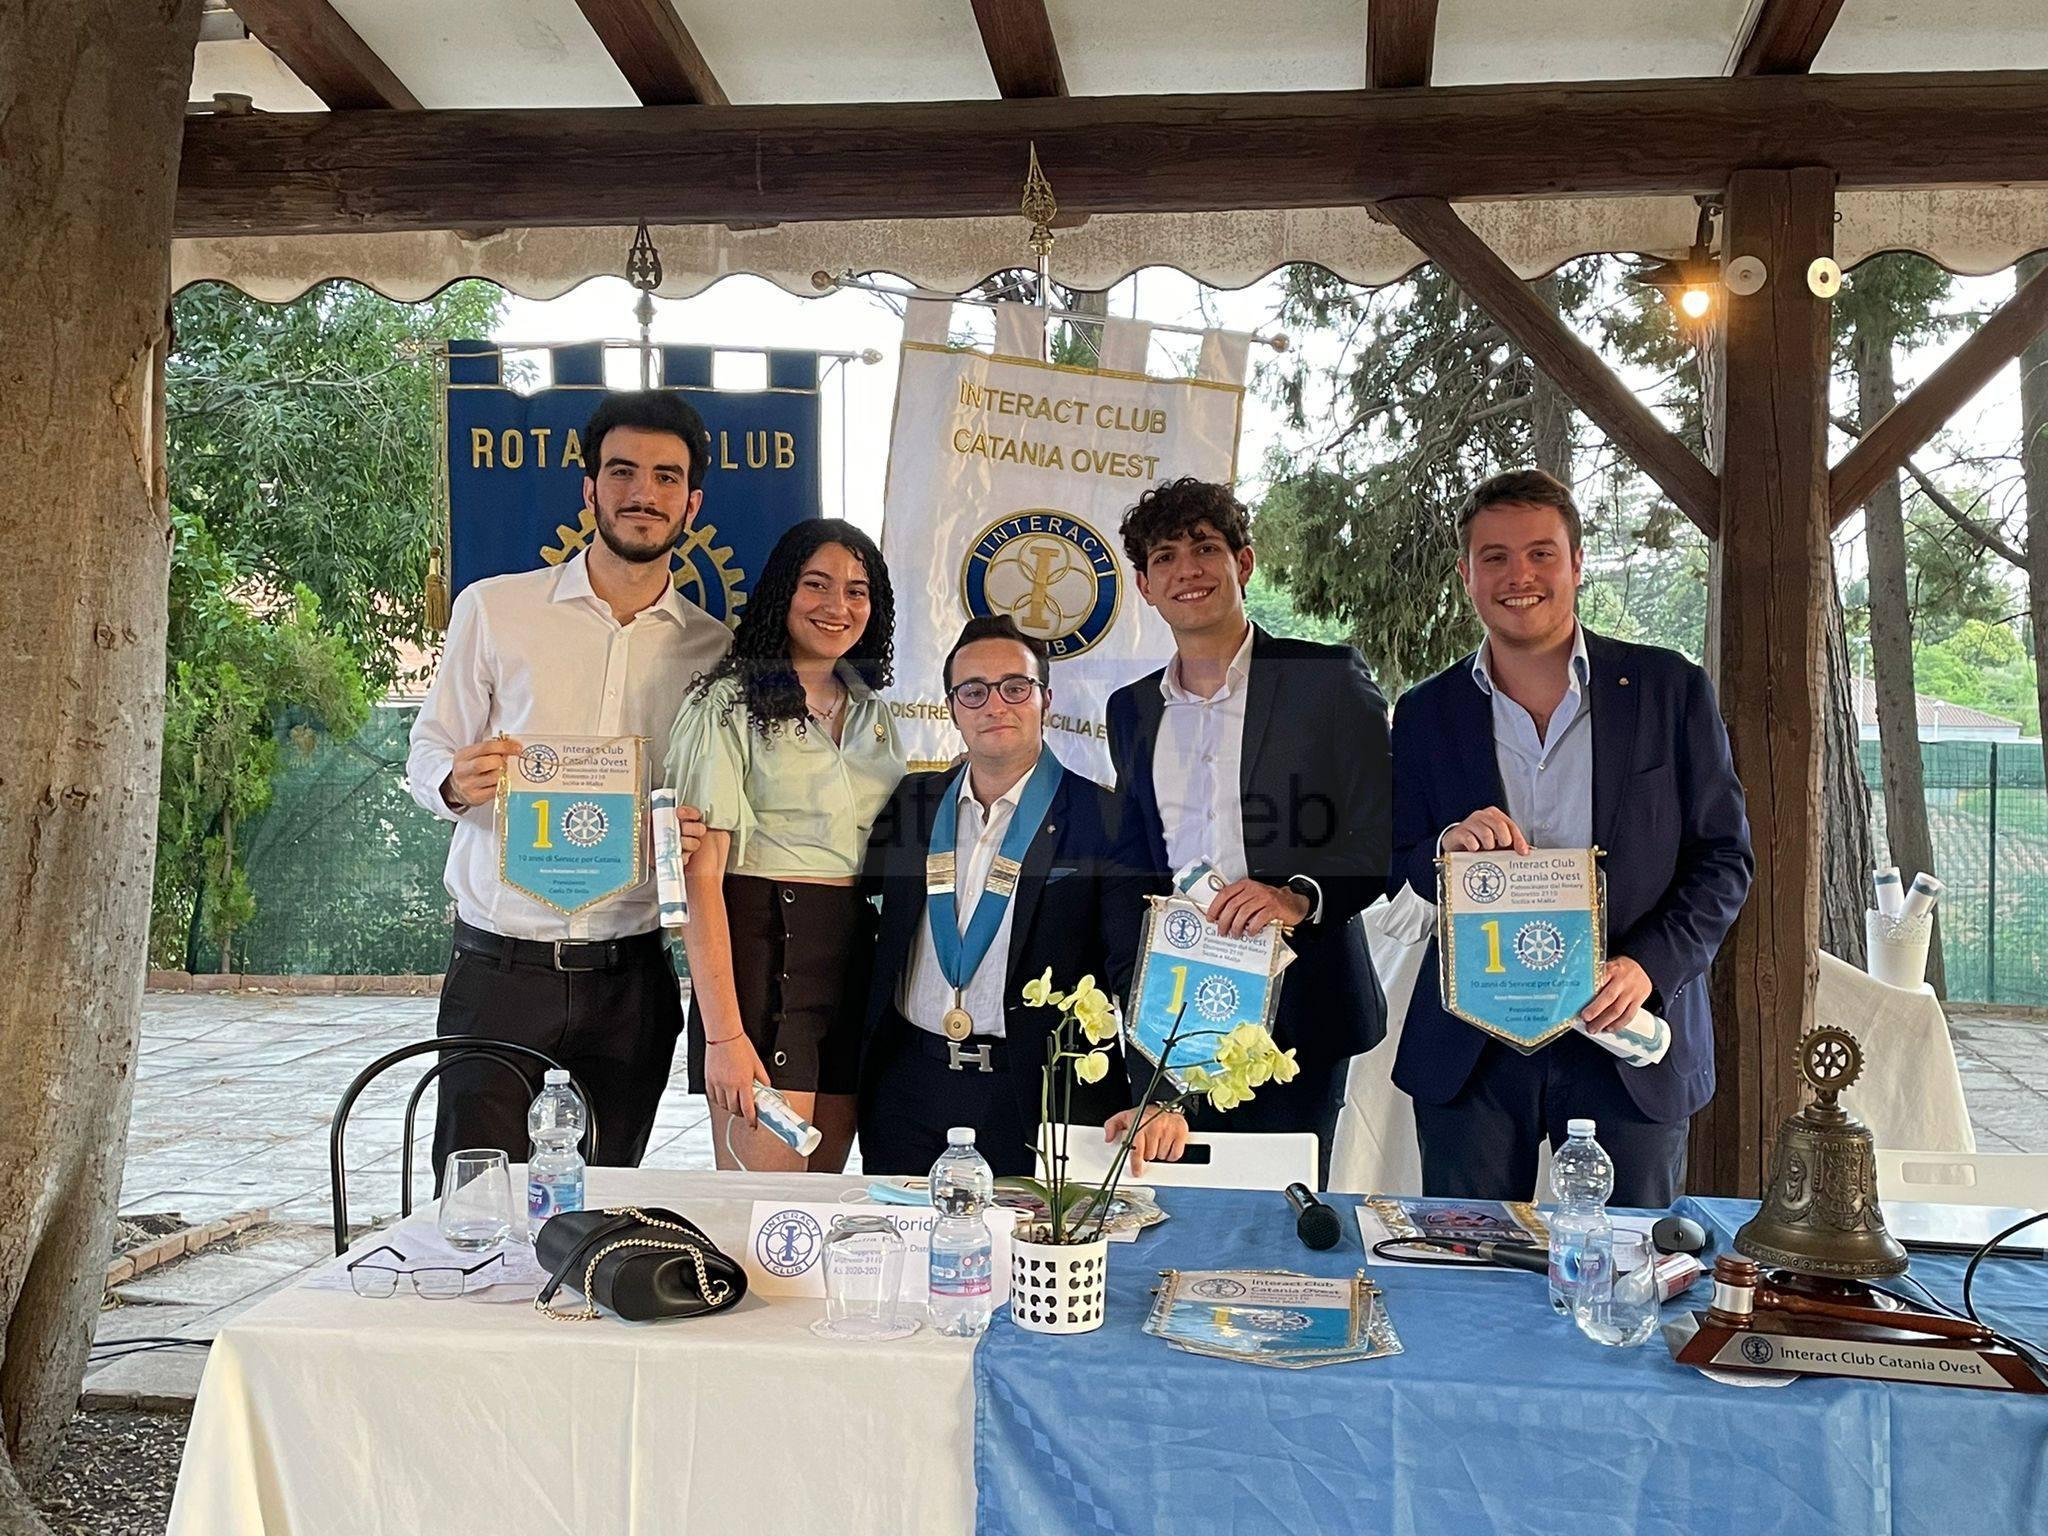 L'Interact Catania Ovest festeggia 10 anni di attività